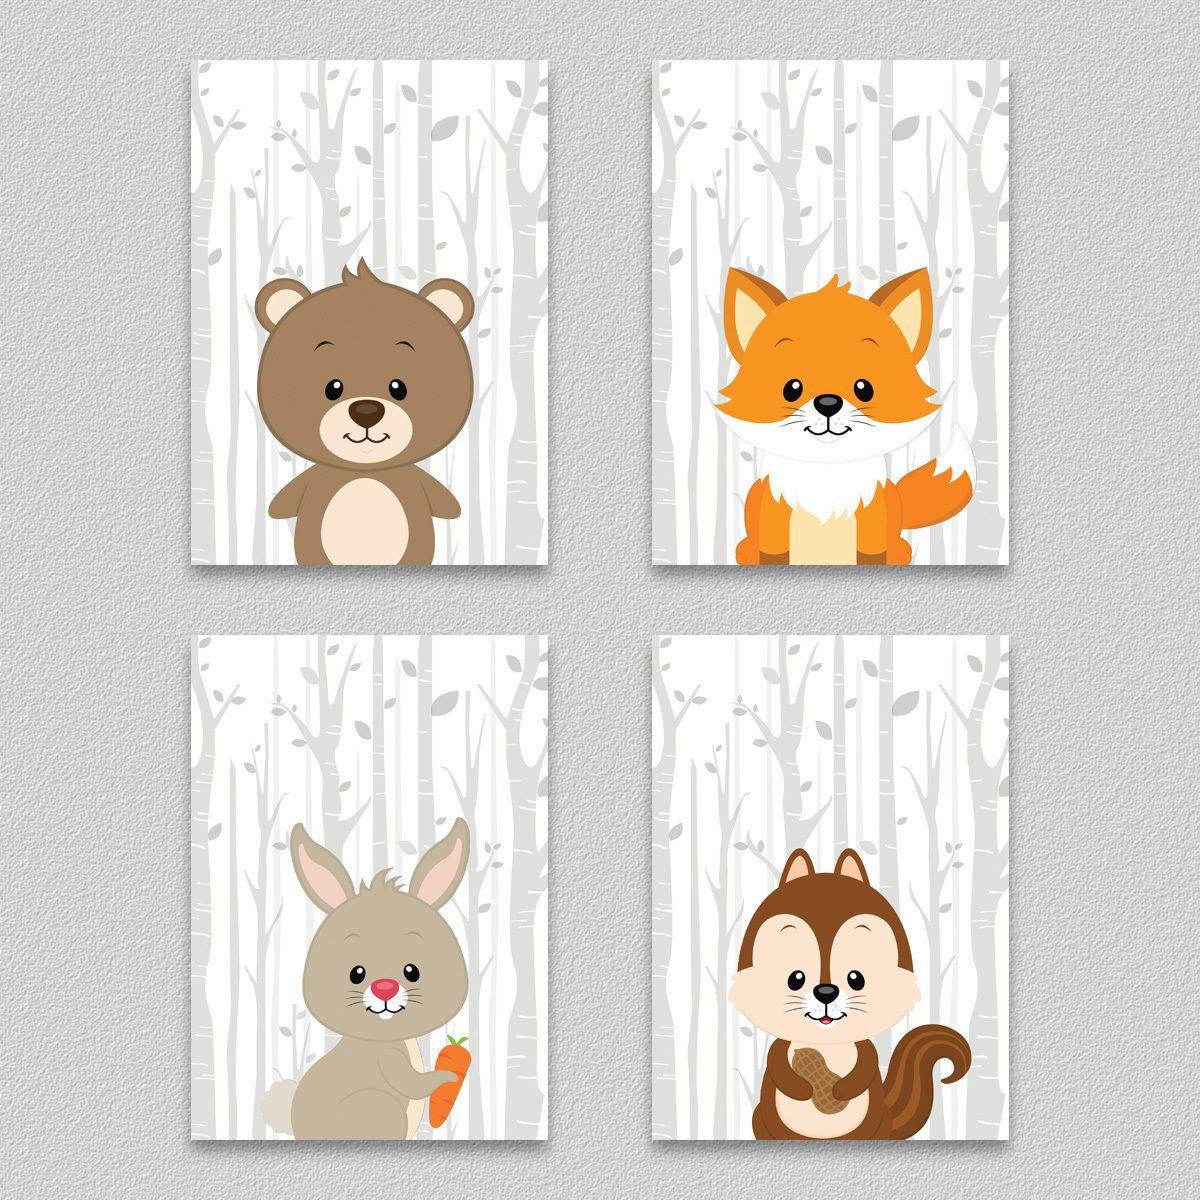 Details zu Kinderzimmer Bilder Wald Tiere Set Kunstdruck